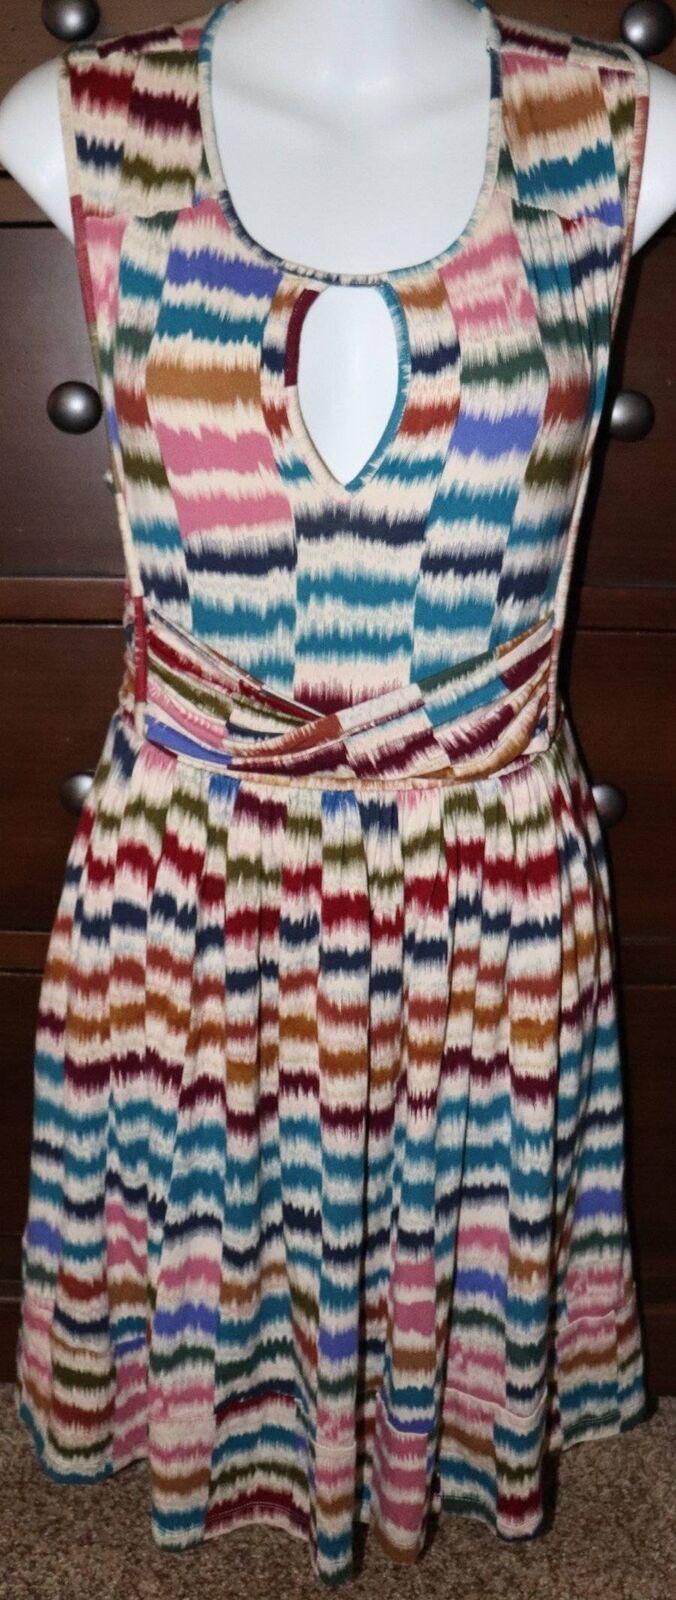 Anthropologie Maeve Sennebec Jersey Keyhole Keyhole Keyhole Dress Rainbow Size XS XSmall 0c5c81